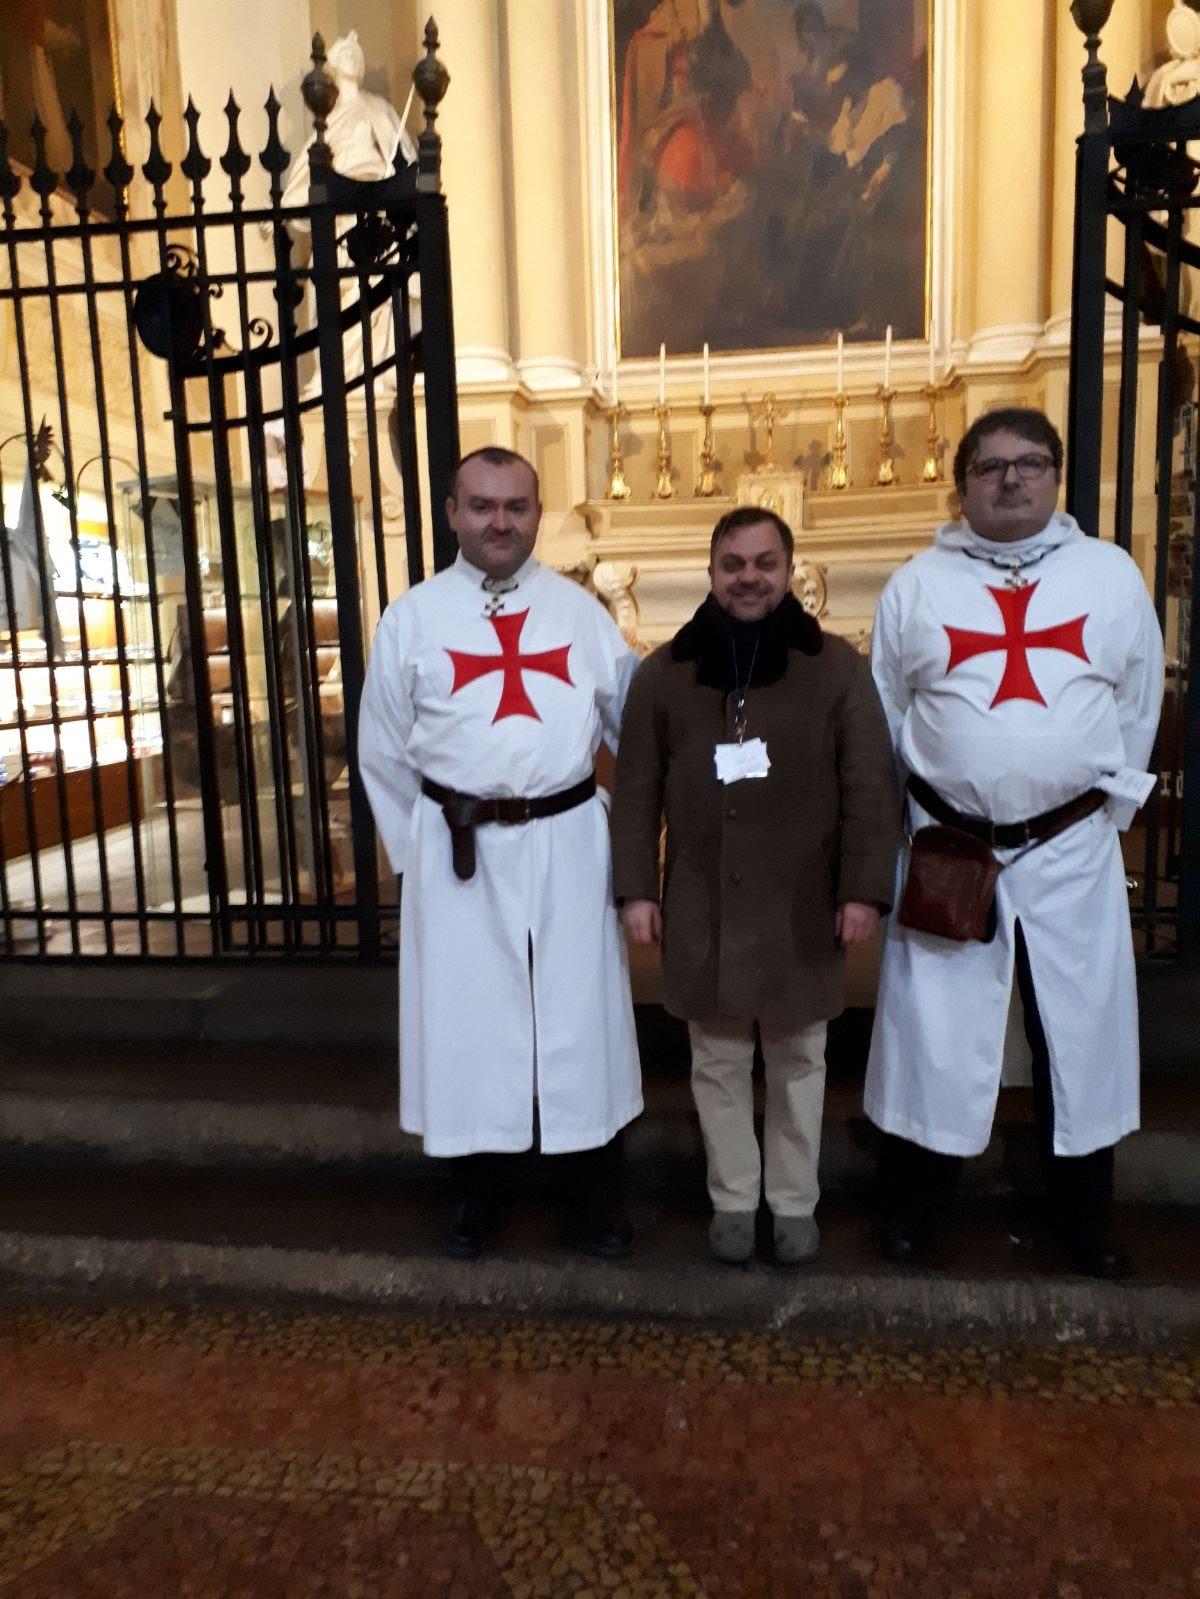 Bologna-Basilica di San Petronio 10-11 marzo 2018 Templari foto 2